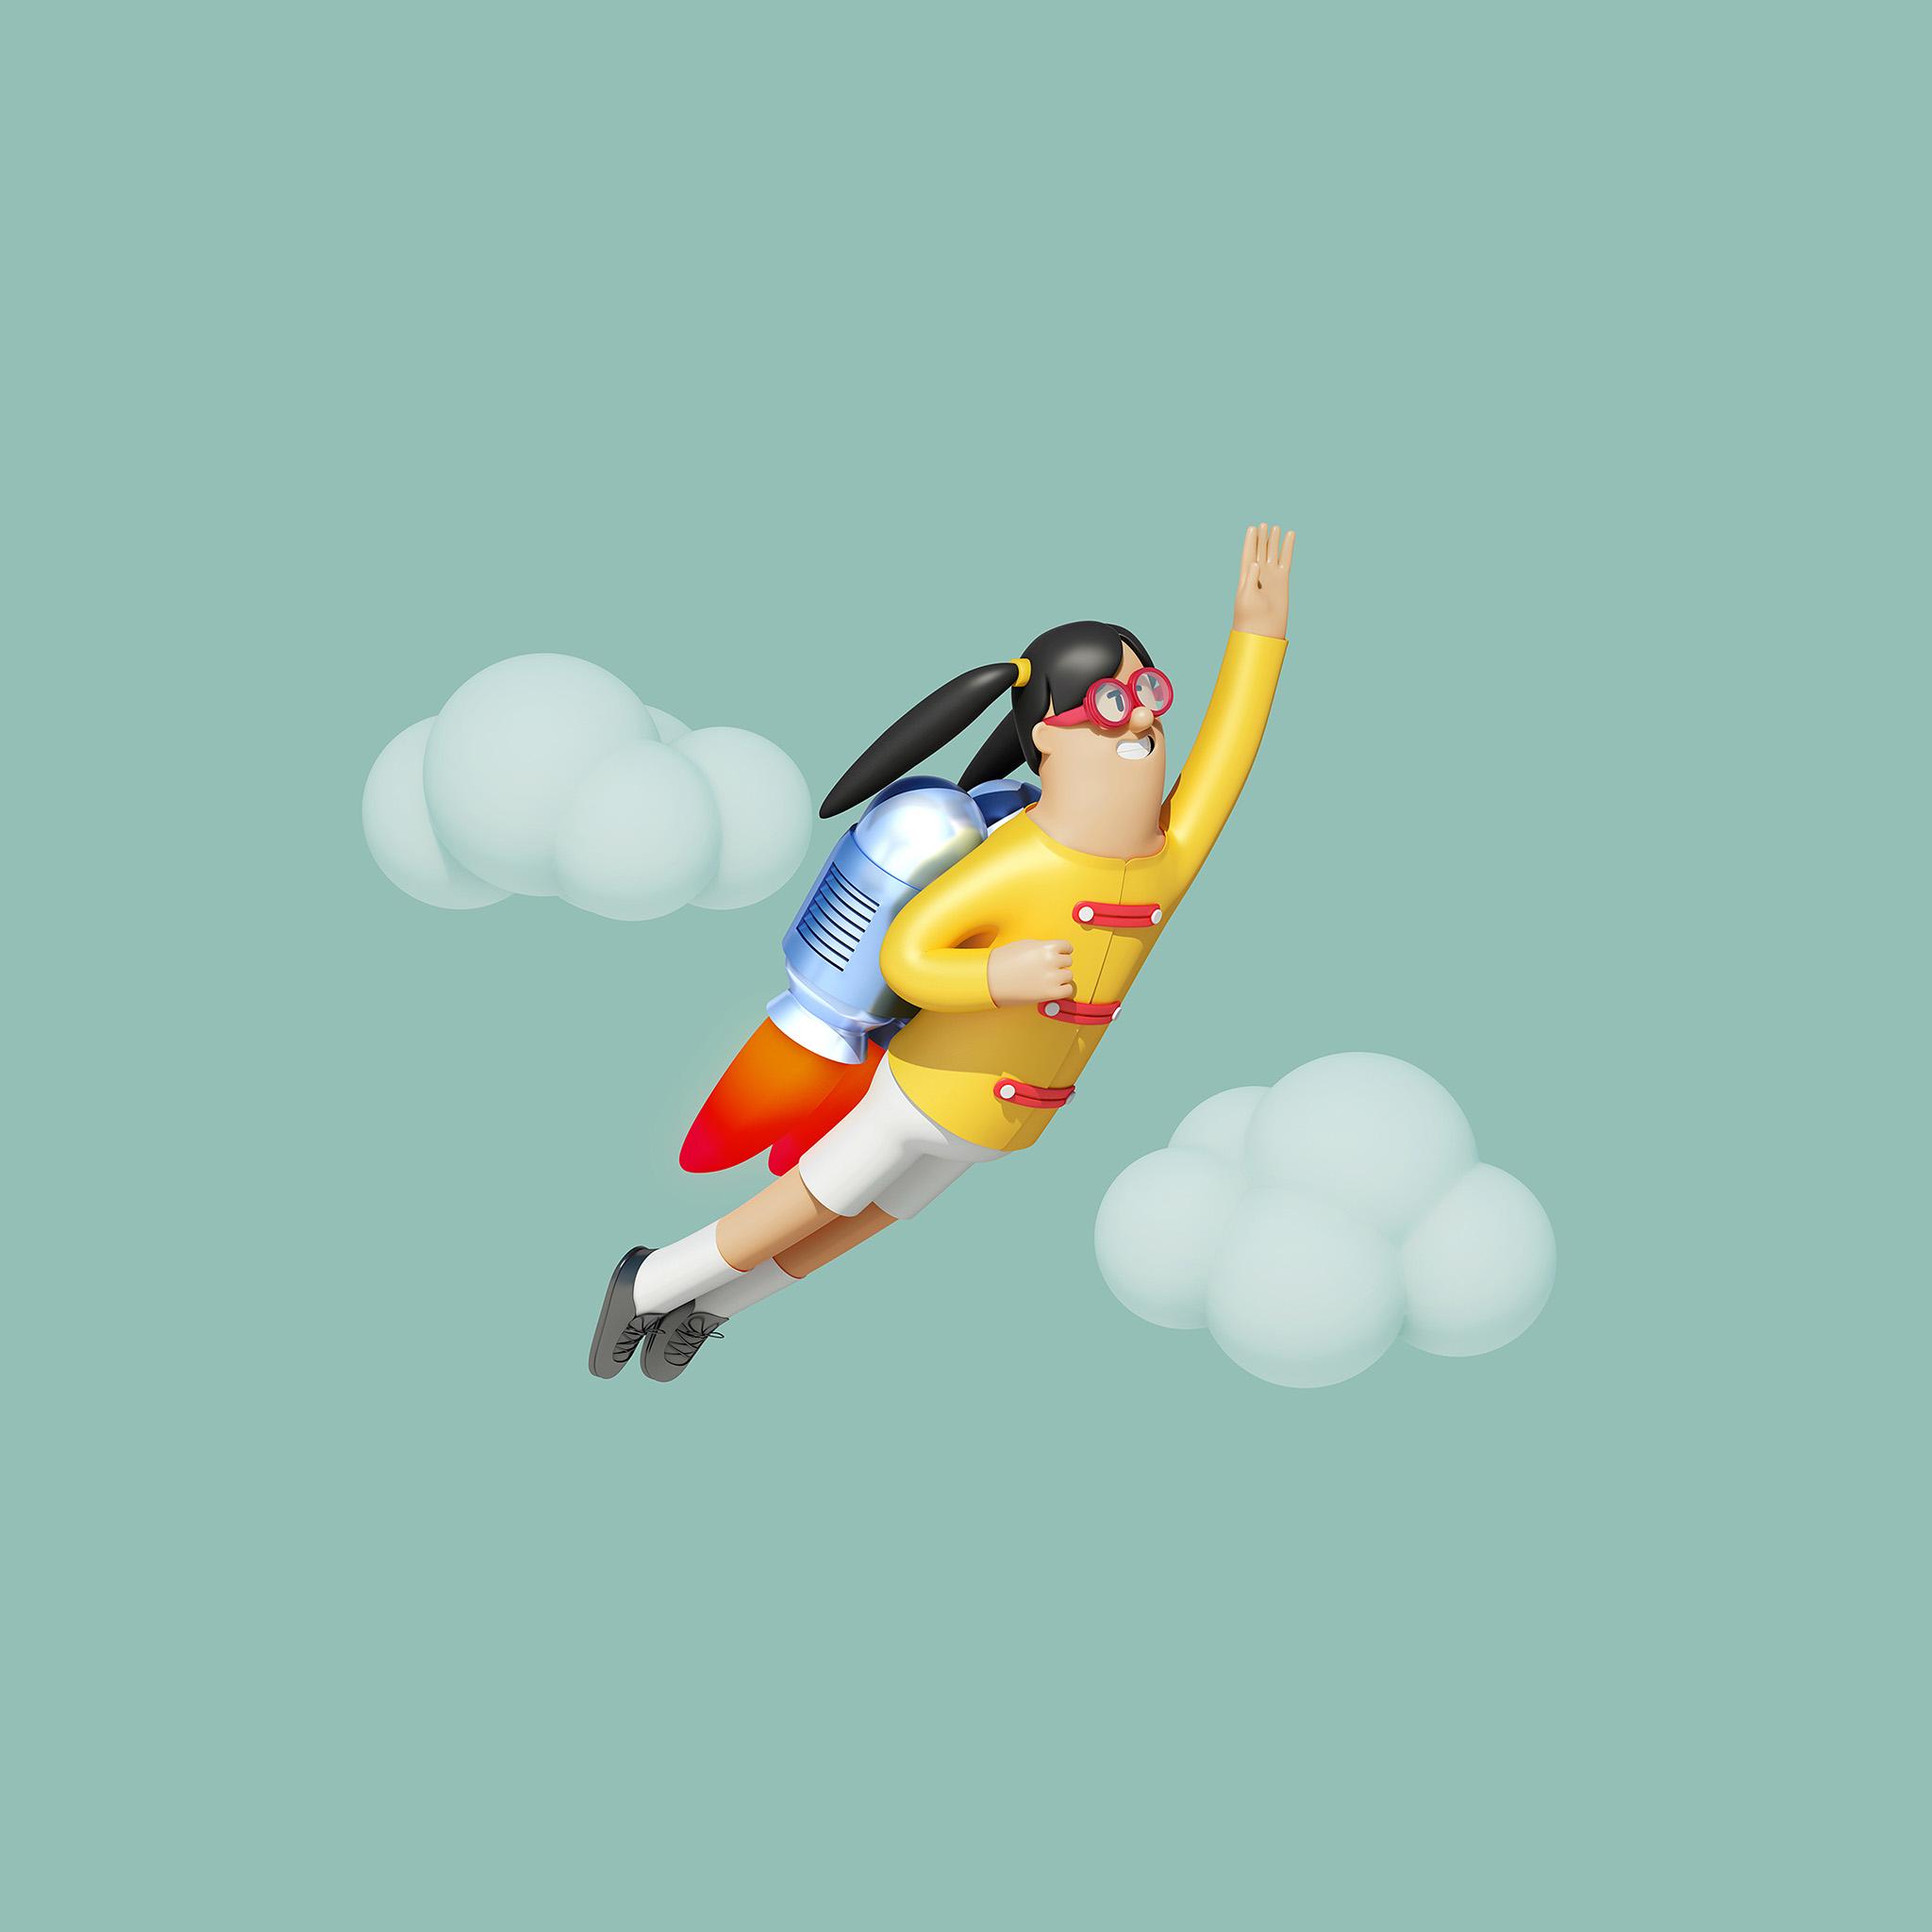 Az24 Girl Fly 3d Illustration Art Wallpaper